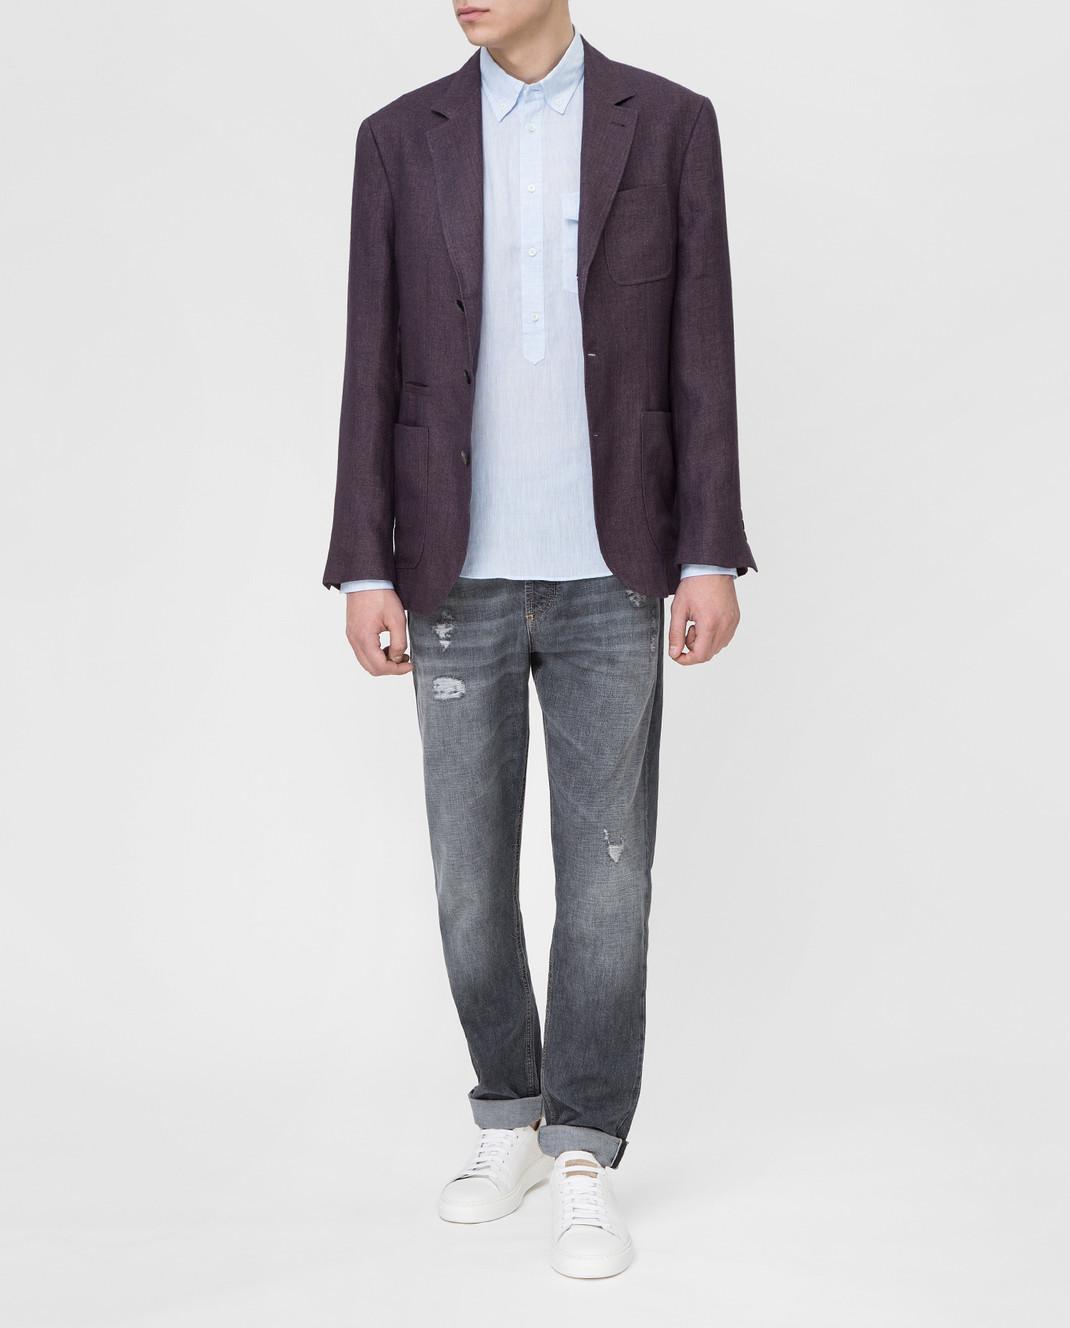 Brunello Cucinelli Сиреневый пиджак изображение 2